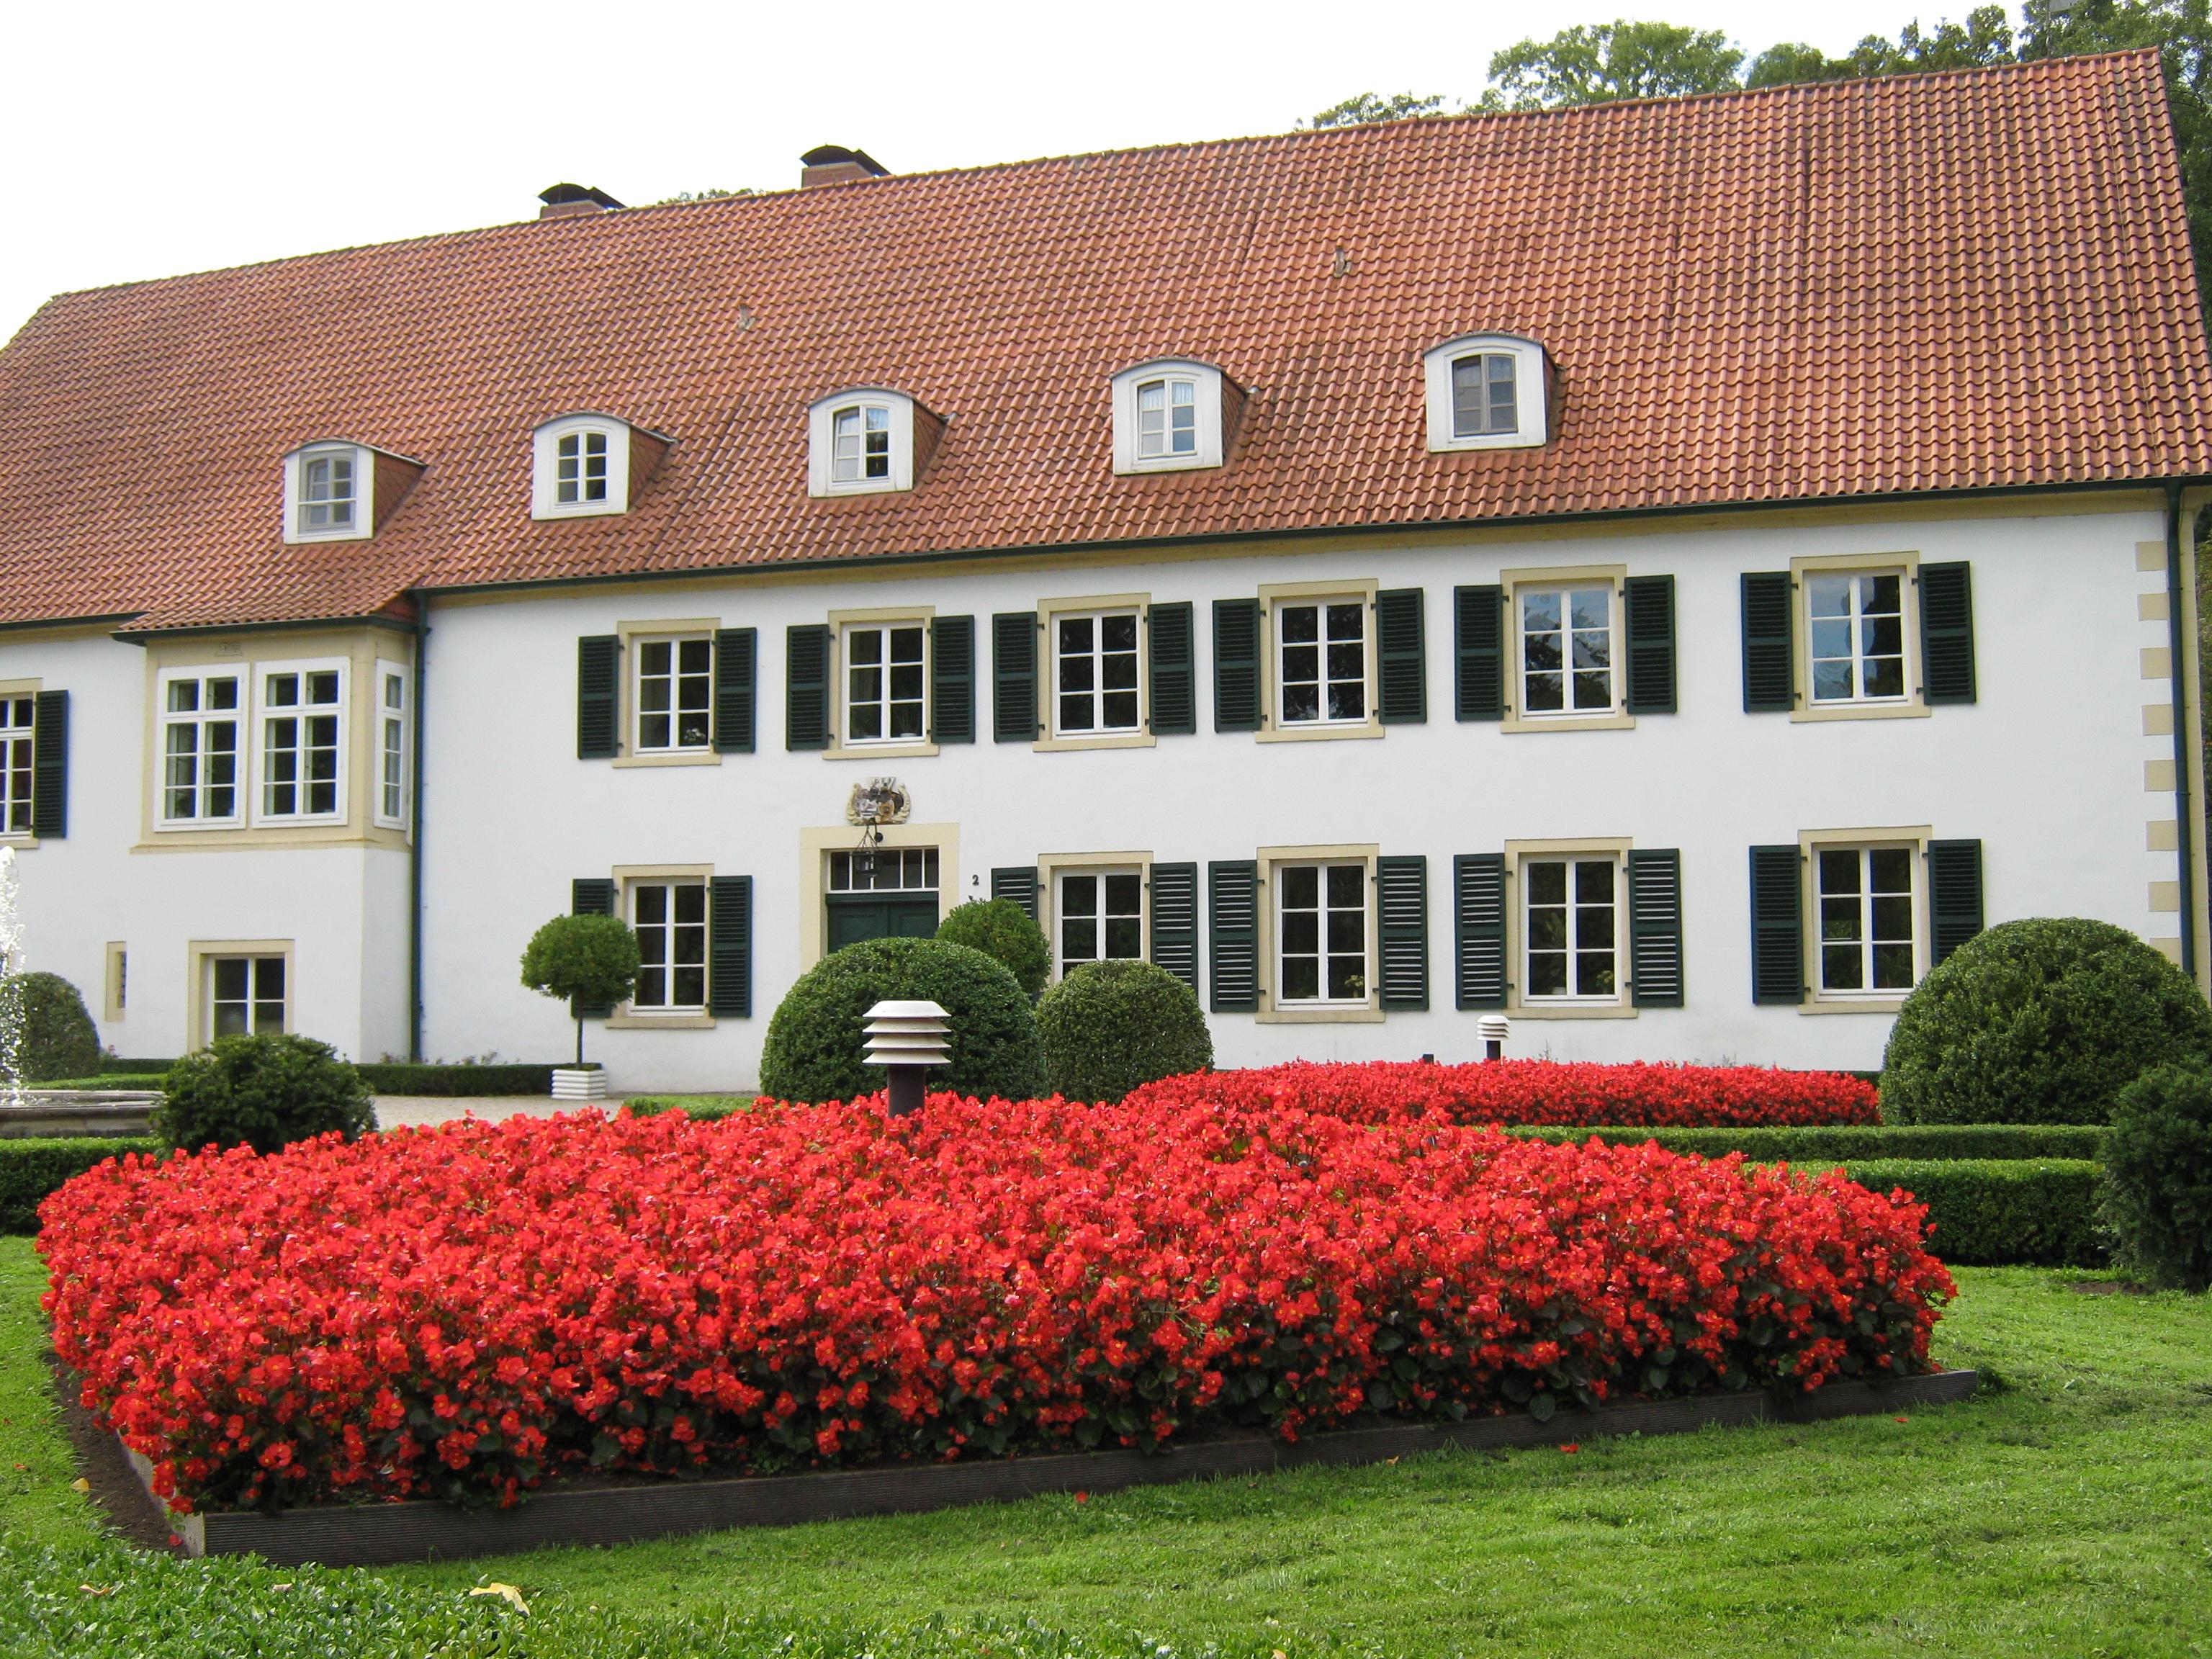 Blumenbeet vor dem Haus des Gastes